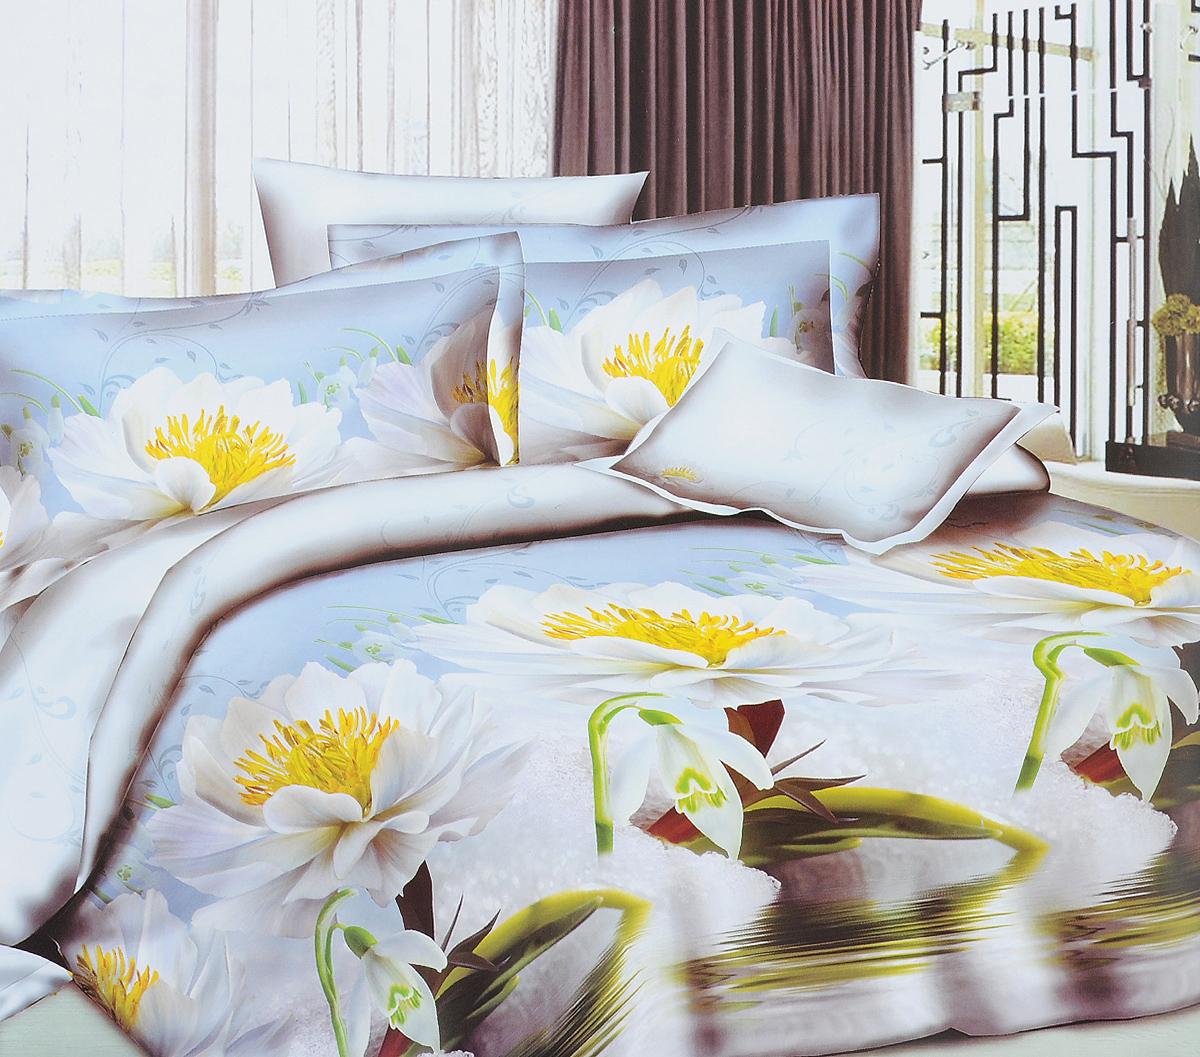 Комплект белья ЭГО Лето, евро, наволочки 70x7031/090-PSКомплект постельного белья ЭГО Лето выполнен из полисатина (50% хлопка, 50% полиэстера). Комплект состоит из пододеяльника, простыни и двух наволочек. Постельное белье, оформленное цветочным принтом, имеет изысканный внешний вид и яркую цветовую гамму. Наволочки застегиваются на клапаны. Гладкая структура делает ткань приятной на ощупь, мягкой и нежной, при этом она прочная и хорошо сохраняет форму. Ткань легко гладится, не линяет и не садится. Благодаря такому комплекту постельного белья вы сможете создать атмосферу роскоши и романтики в вашей спальне.